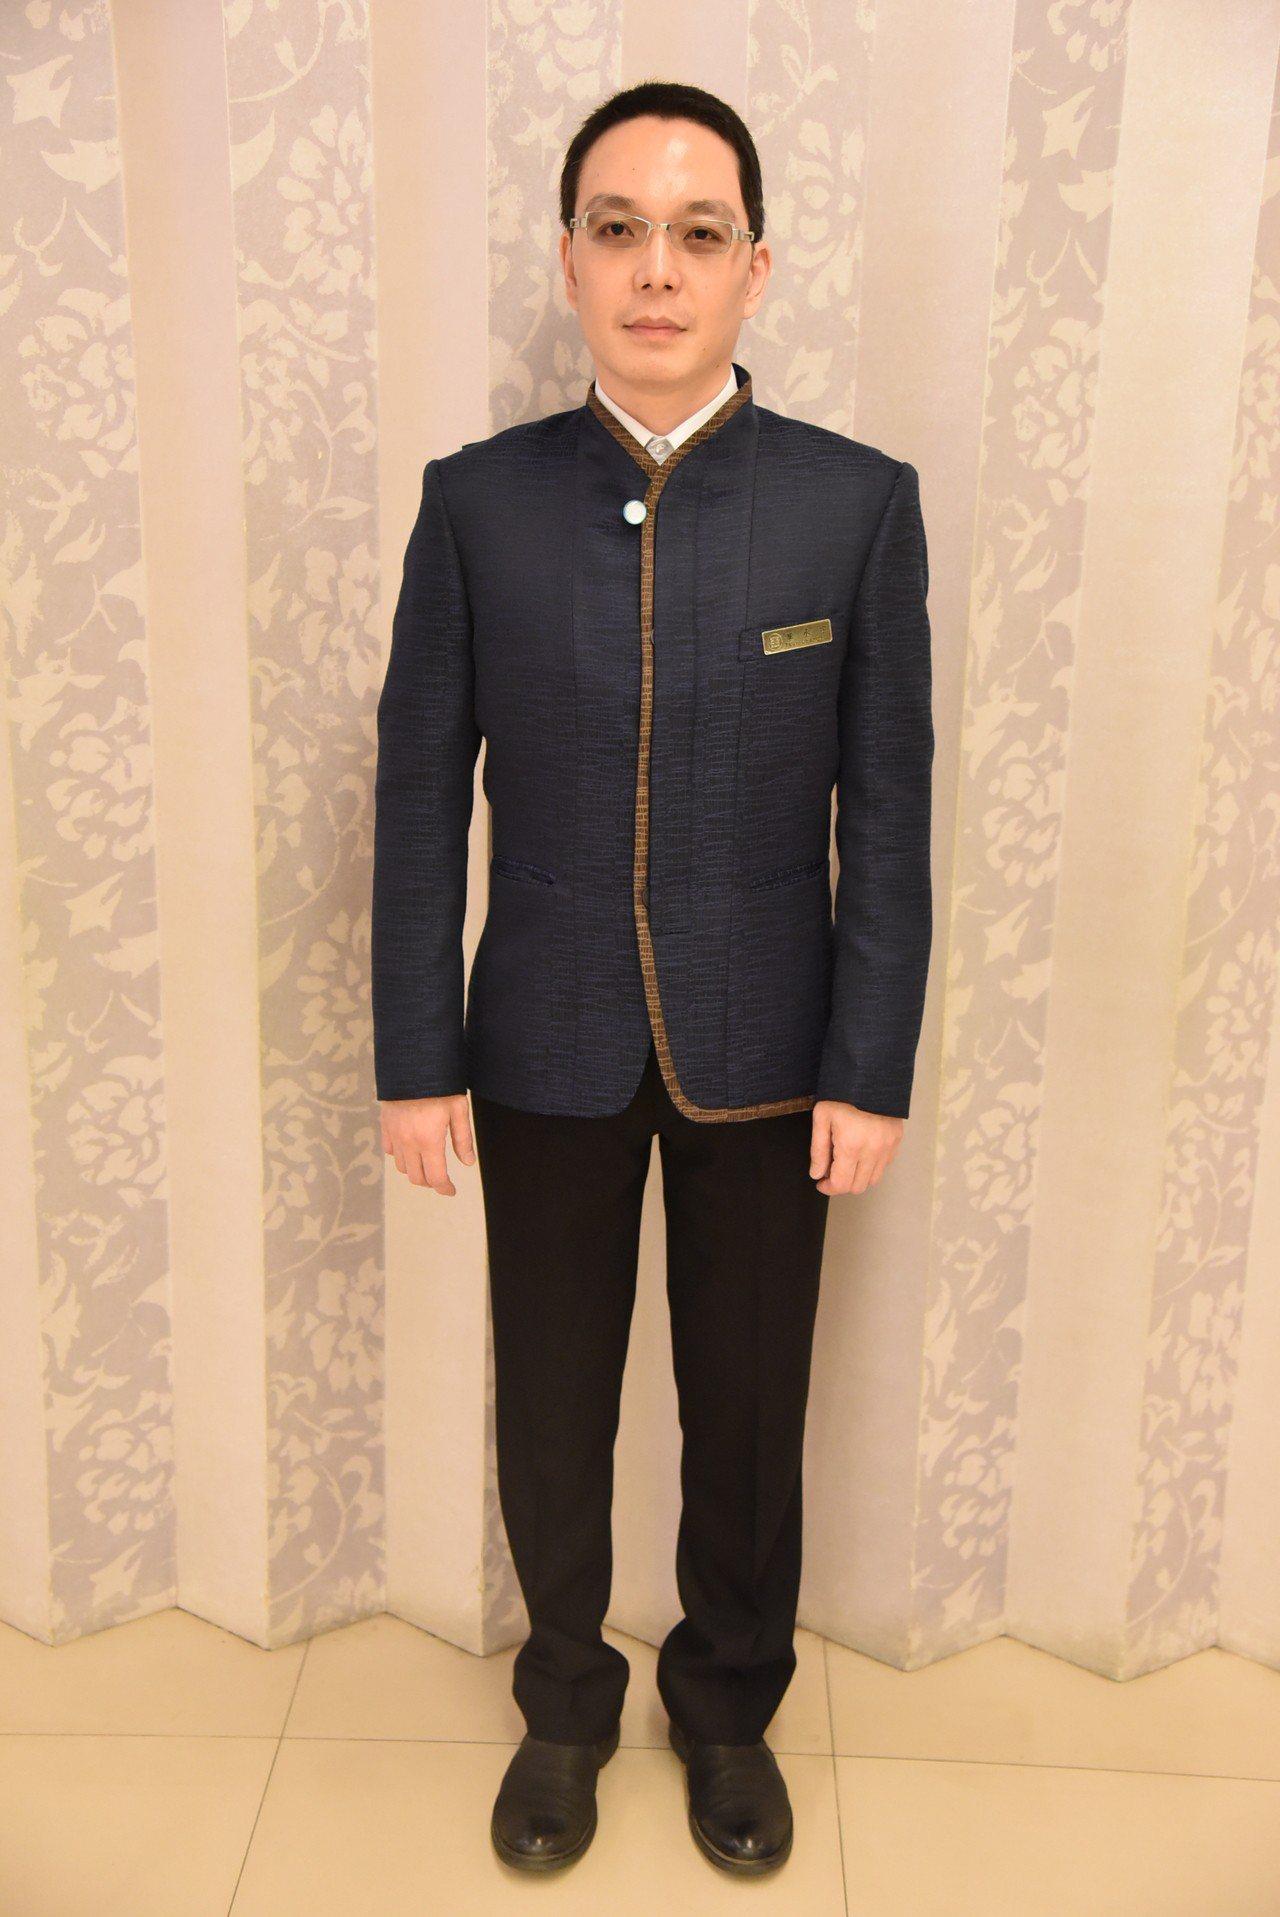 故宮邀設計師為工作人員設計全新制服,將於518國際博物館日全面換裝。圖/故宮提供